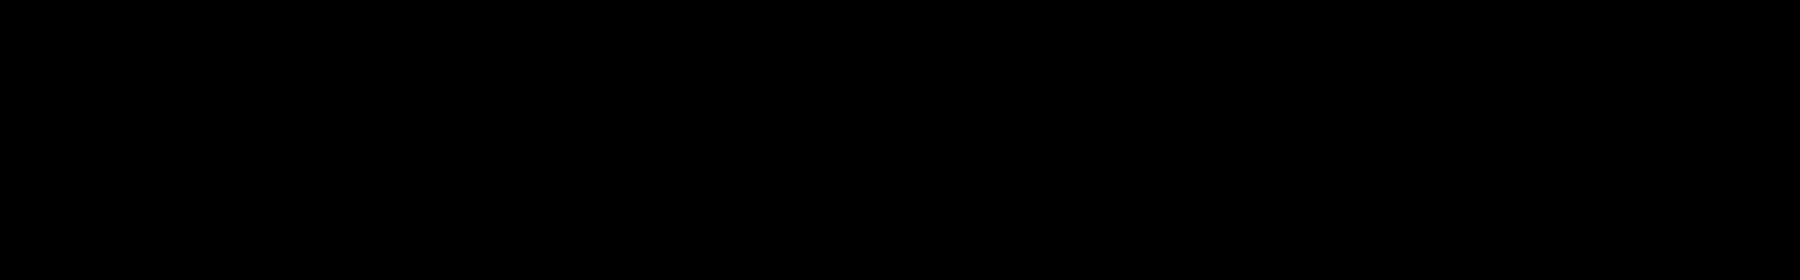 Lithium audio waveform